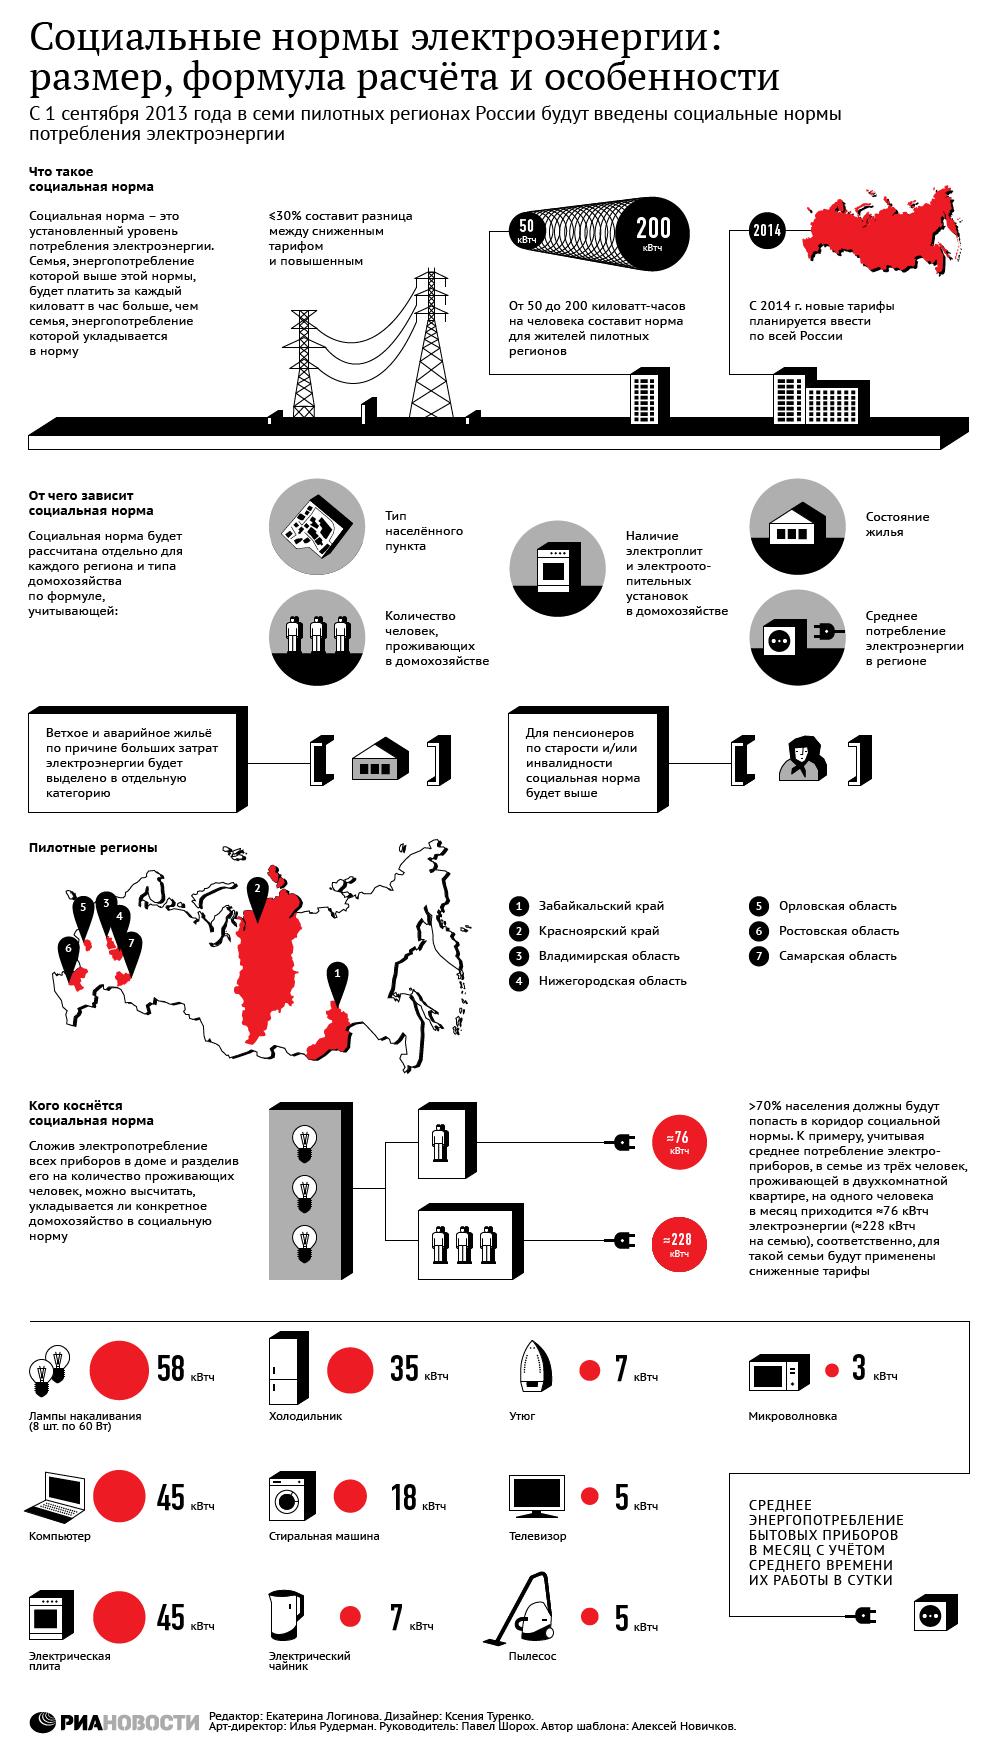 Социальная норма электропотребления